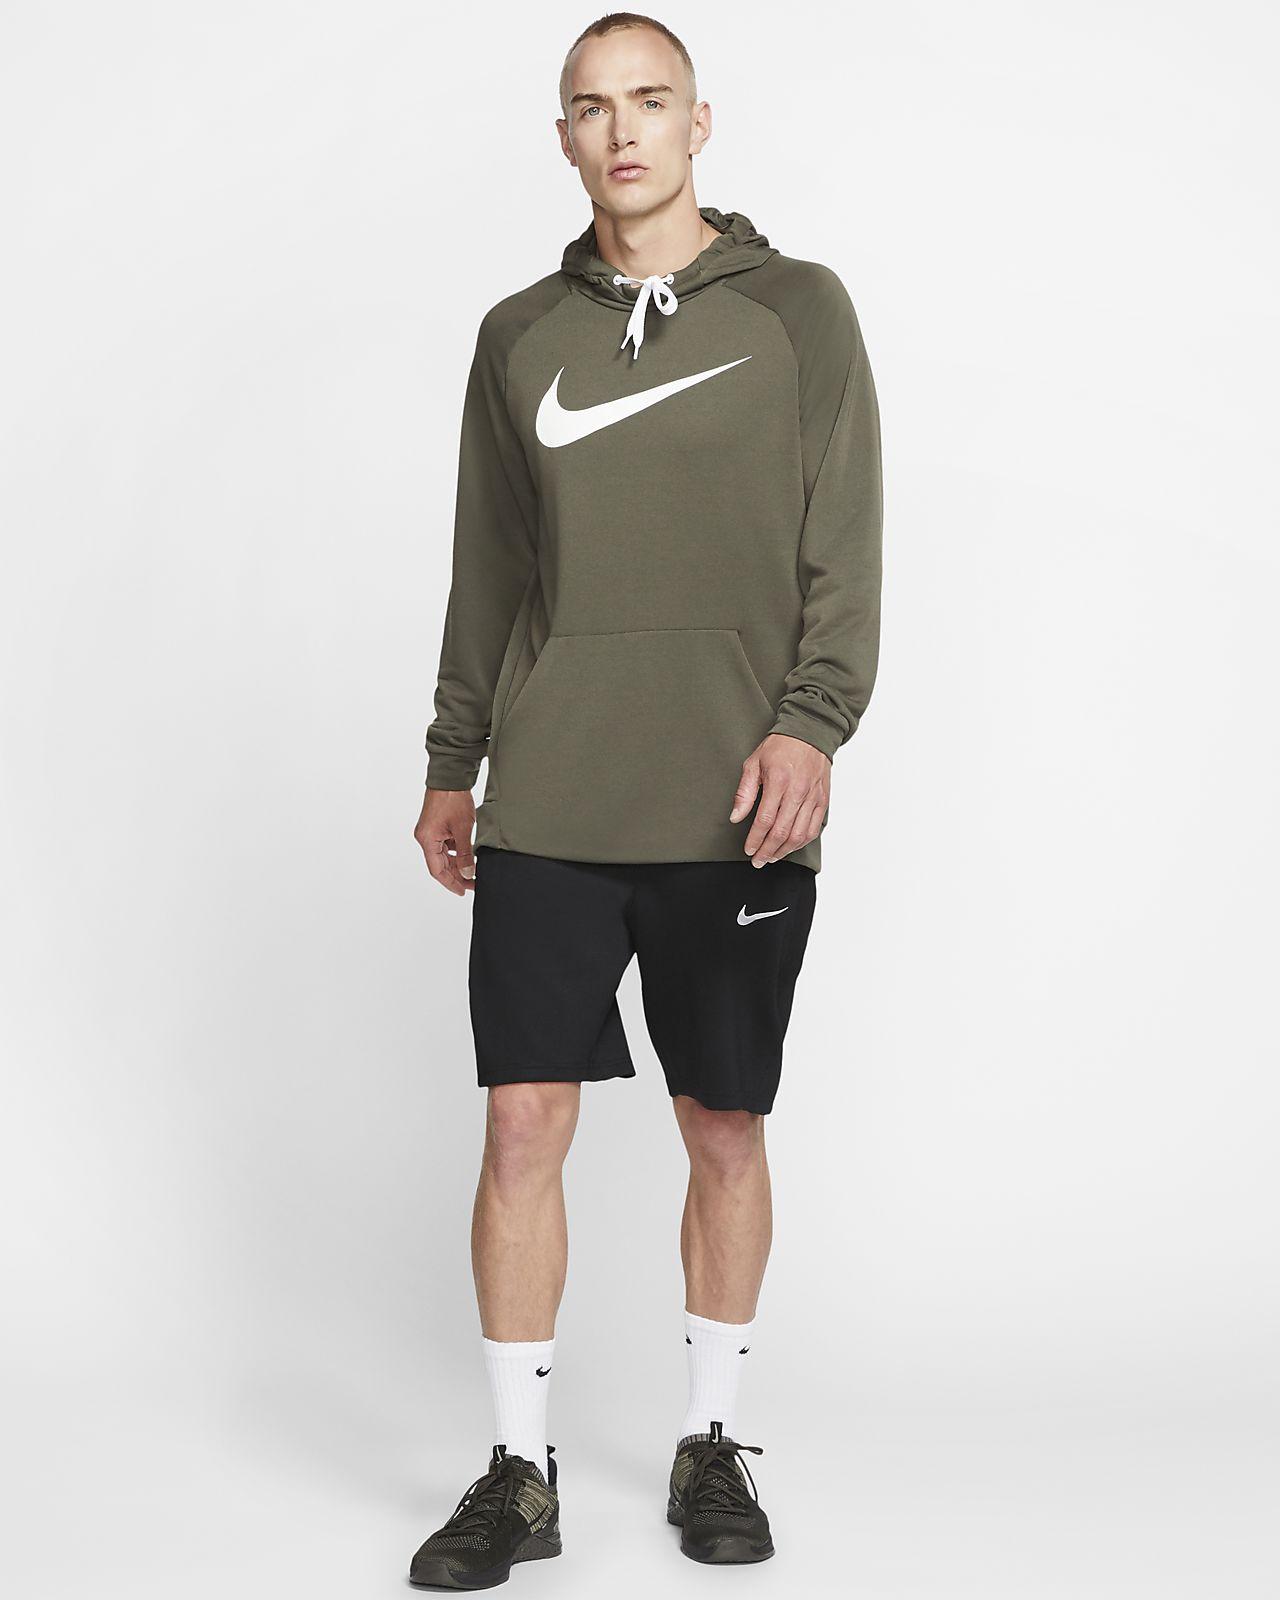 Training De À Fit Pour Sweat Dri Nike Capuche Homme dWxreCQoBE